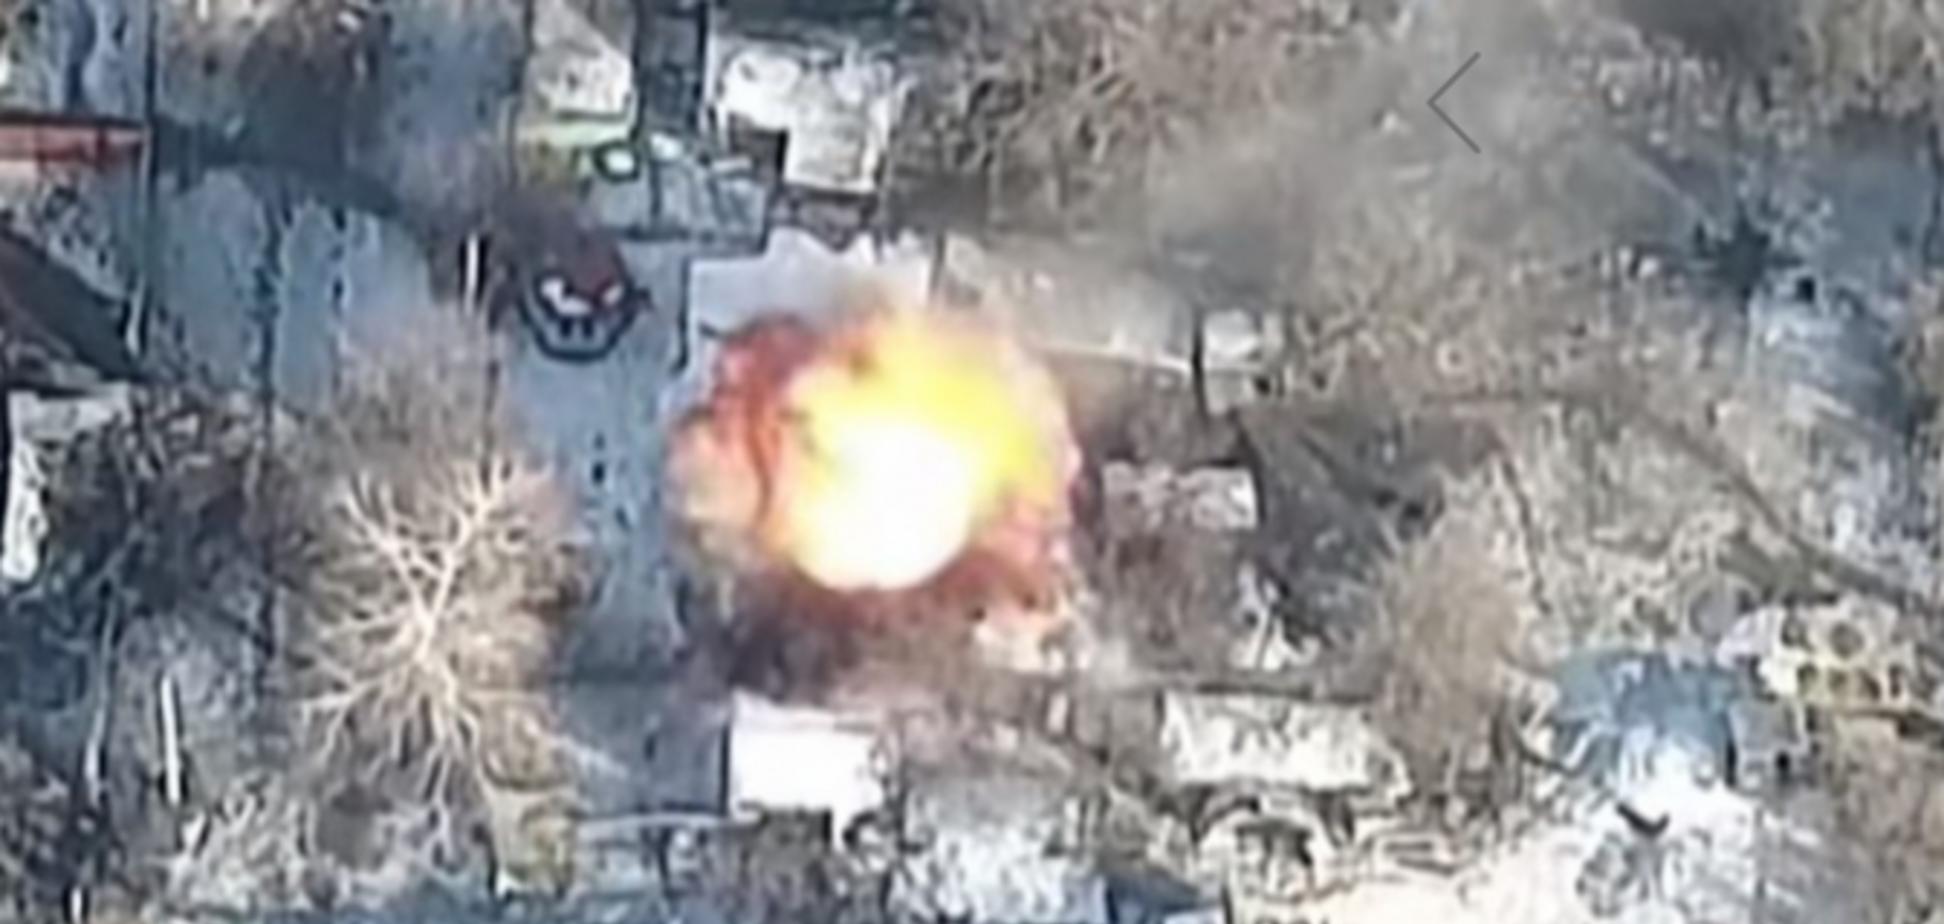 Бойцы ОС провели блестящую спецоперацию на Донбассе: видеофакт